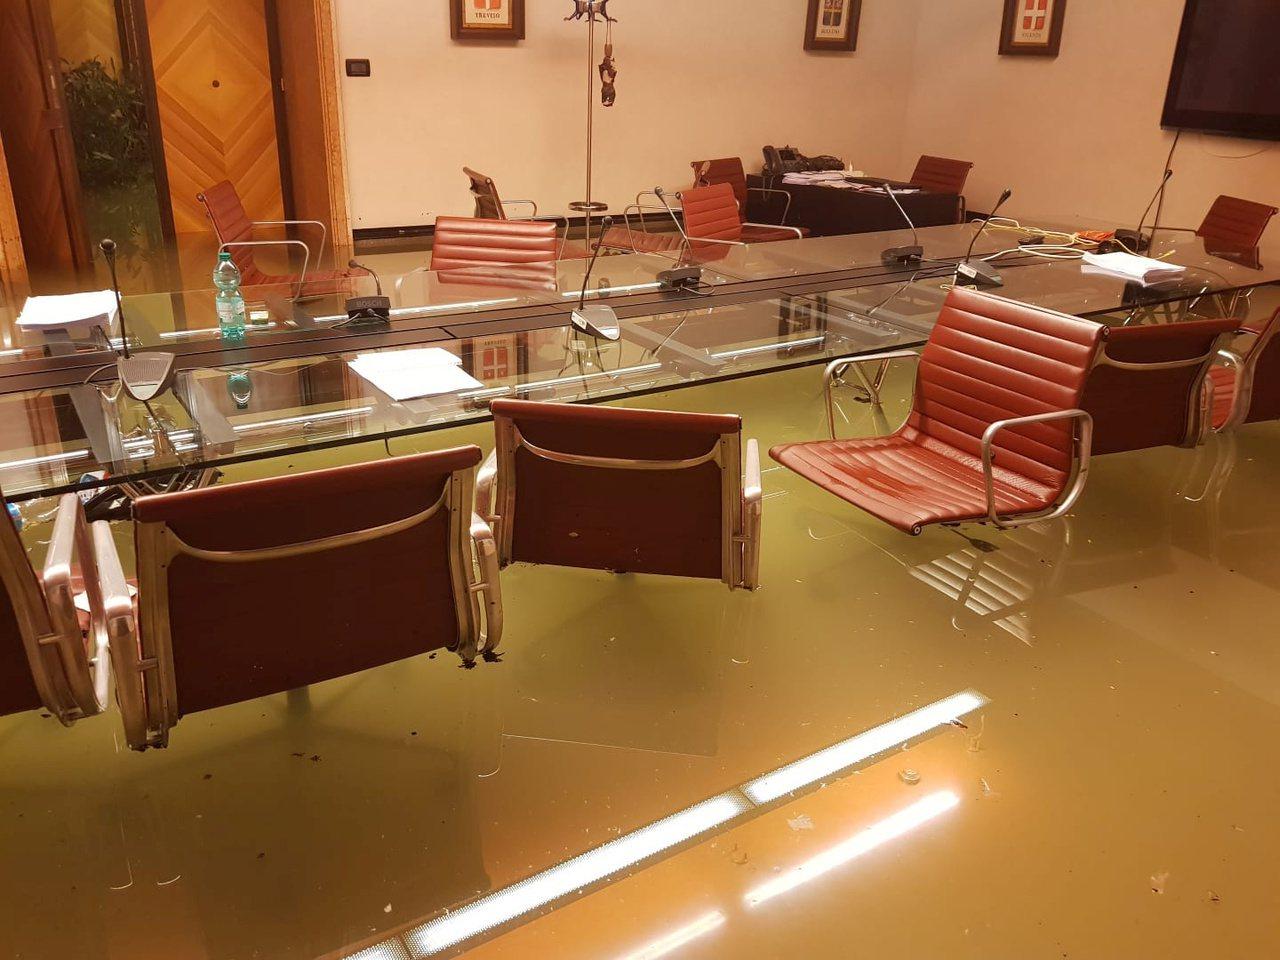 義大利威尼斯從12日開始降下暴雨,威尼托大區議會所在的費羅菲尼宮(Ferro F...